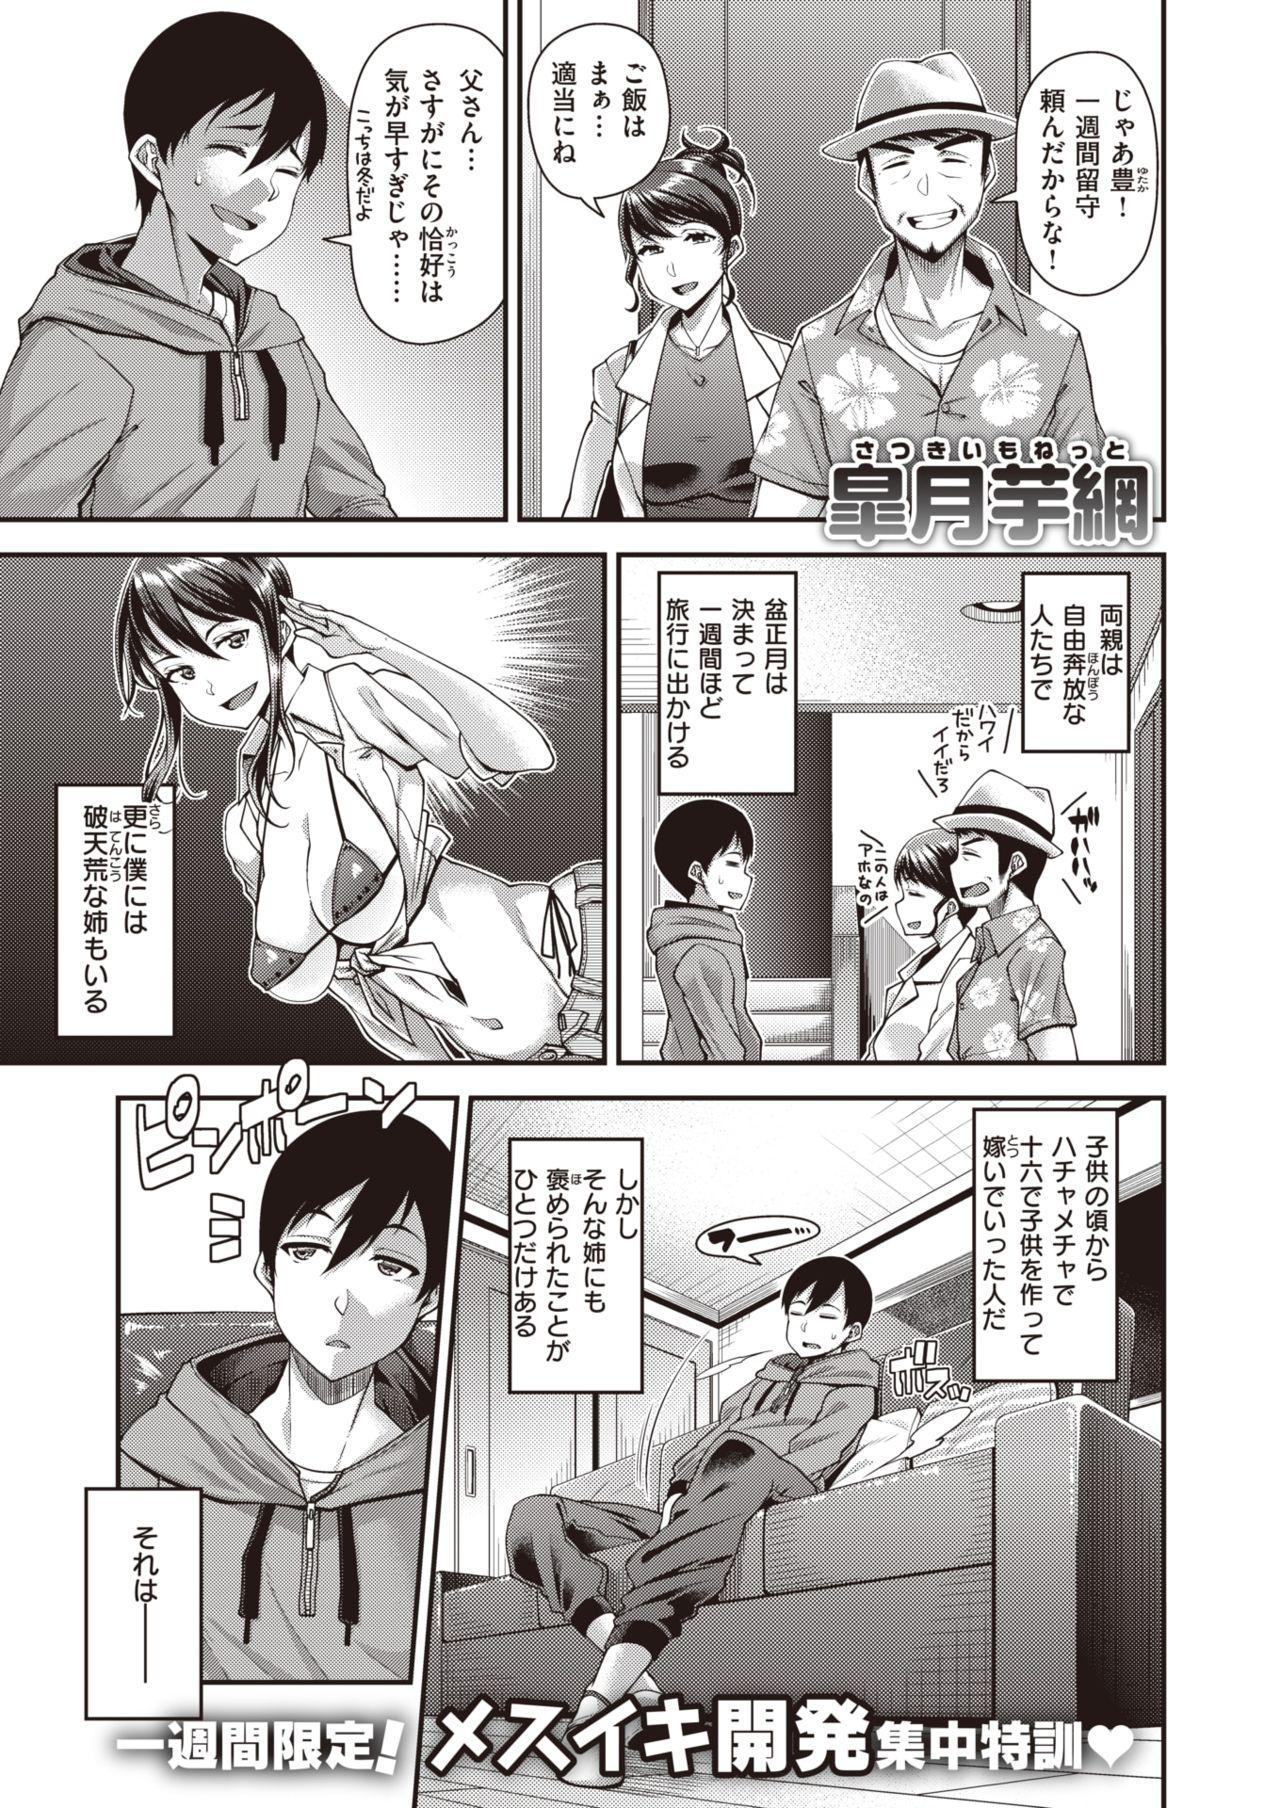 COMIC Shitsurakuten 2020-02 159